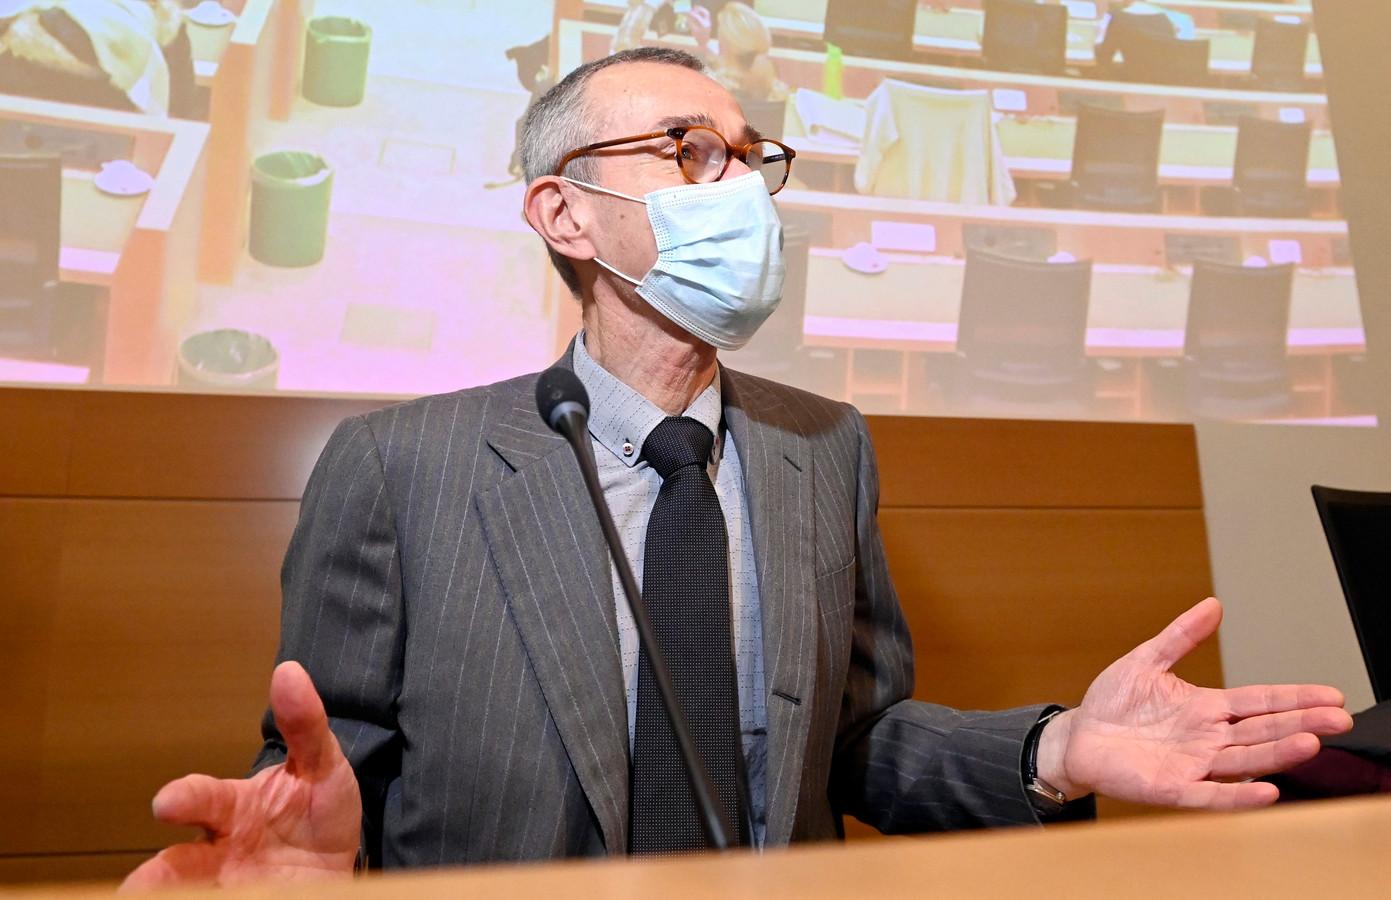 Minister van Volksgezondheid Frank Vandenbroucke (sp.a) reageerde bijzonder tevreden.